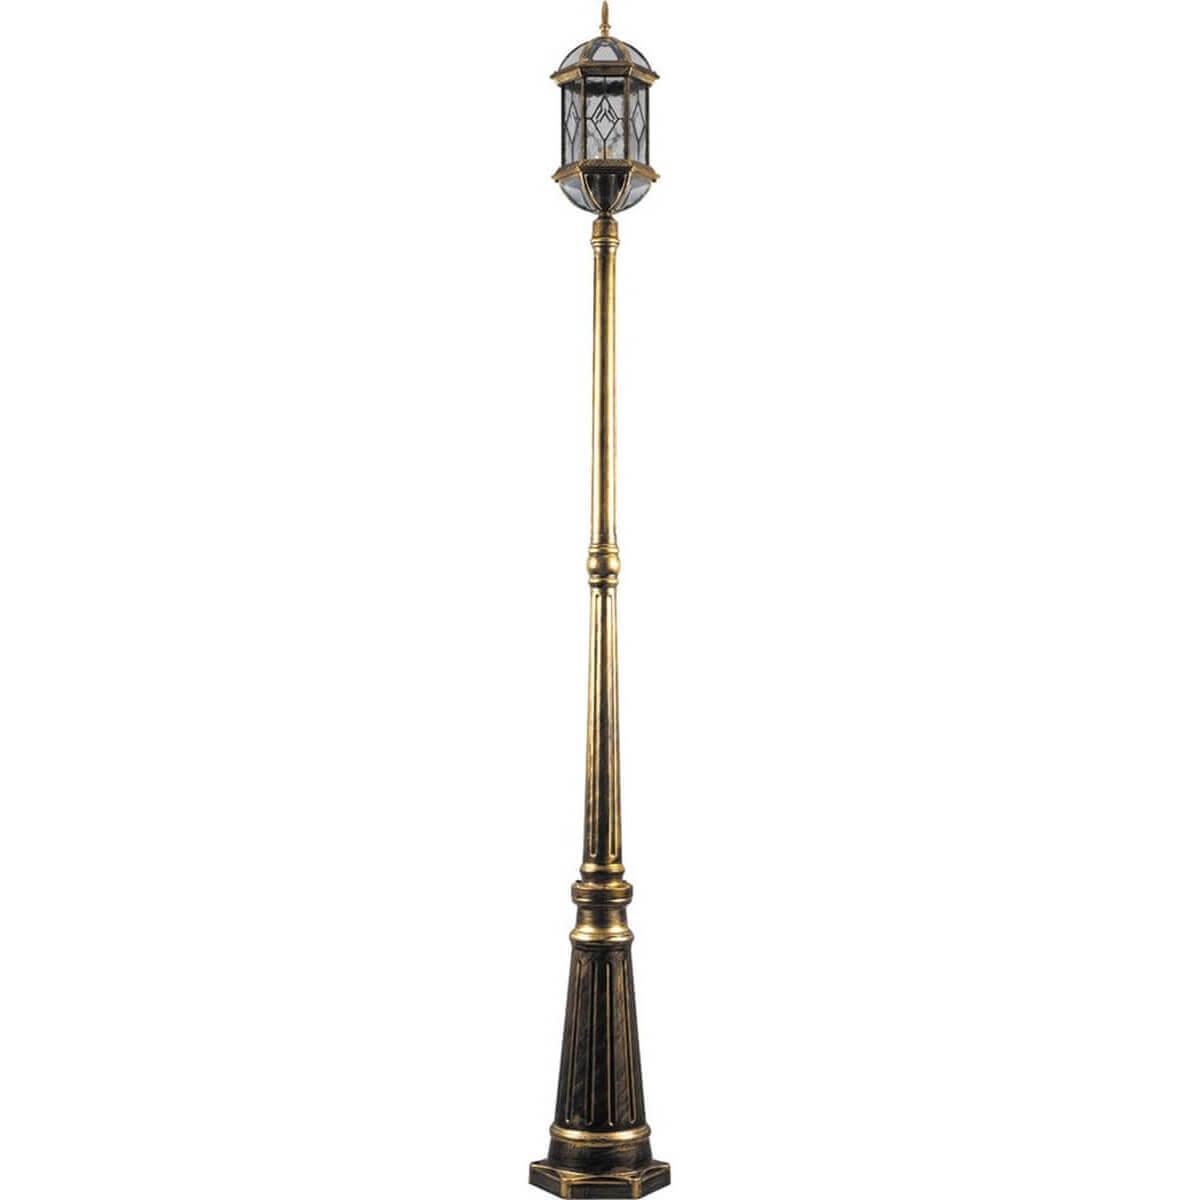 цена Садово-парковый светильник Feron PL176 11340 онлайн в 2017 году